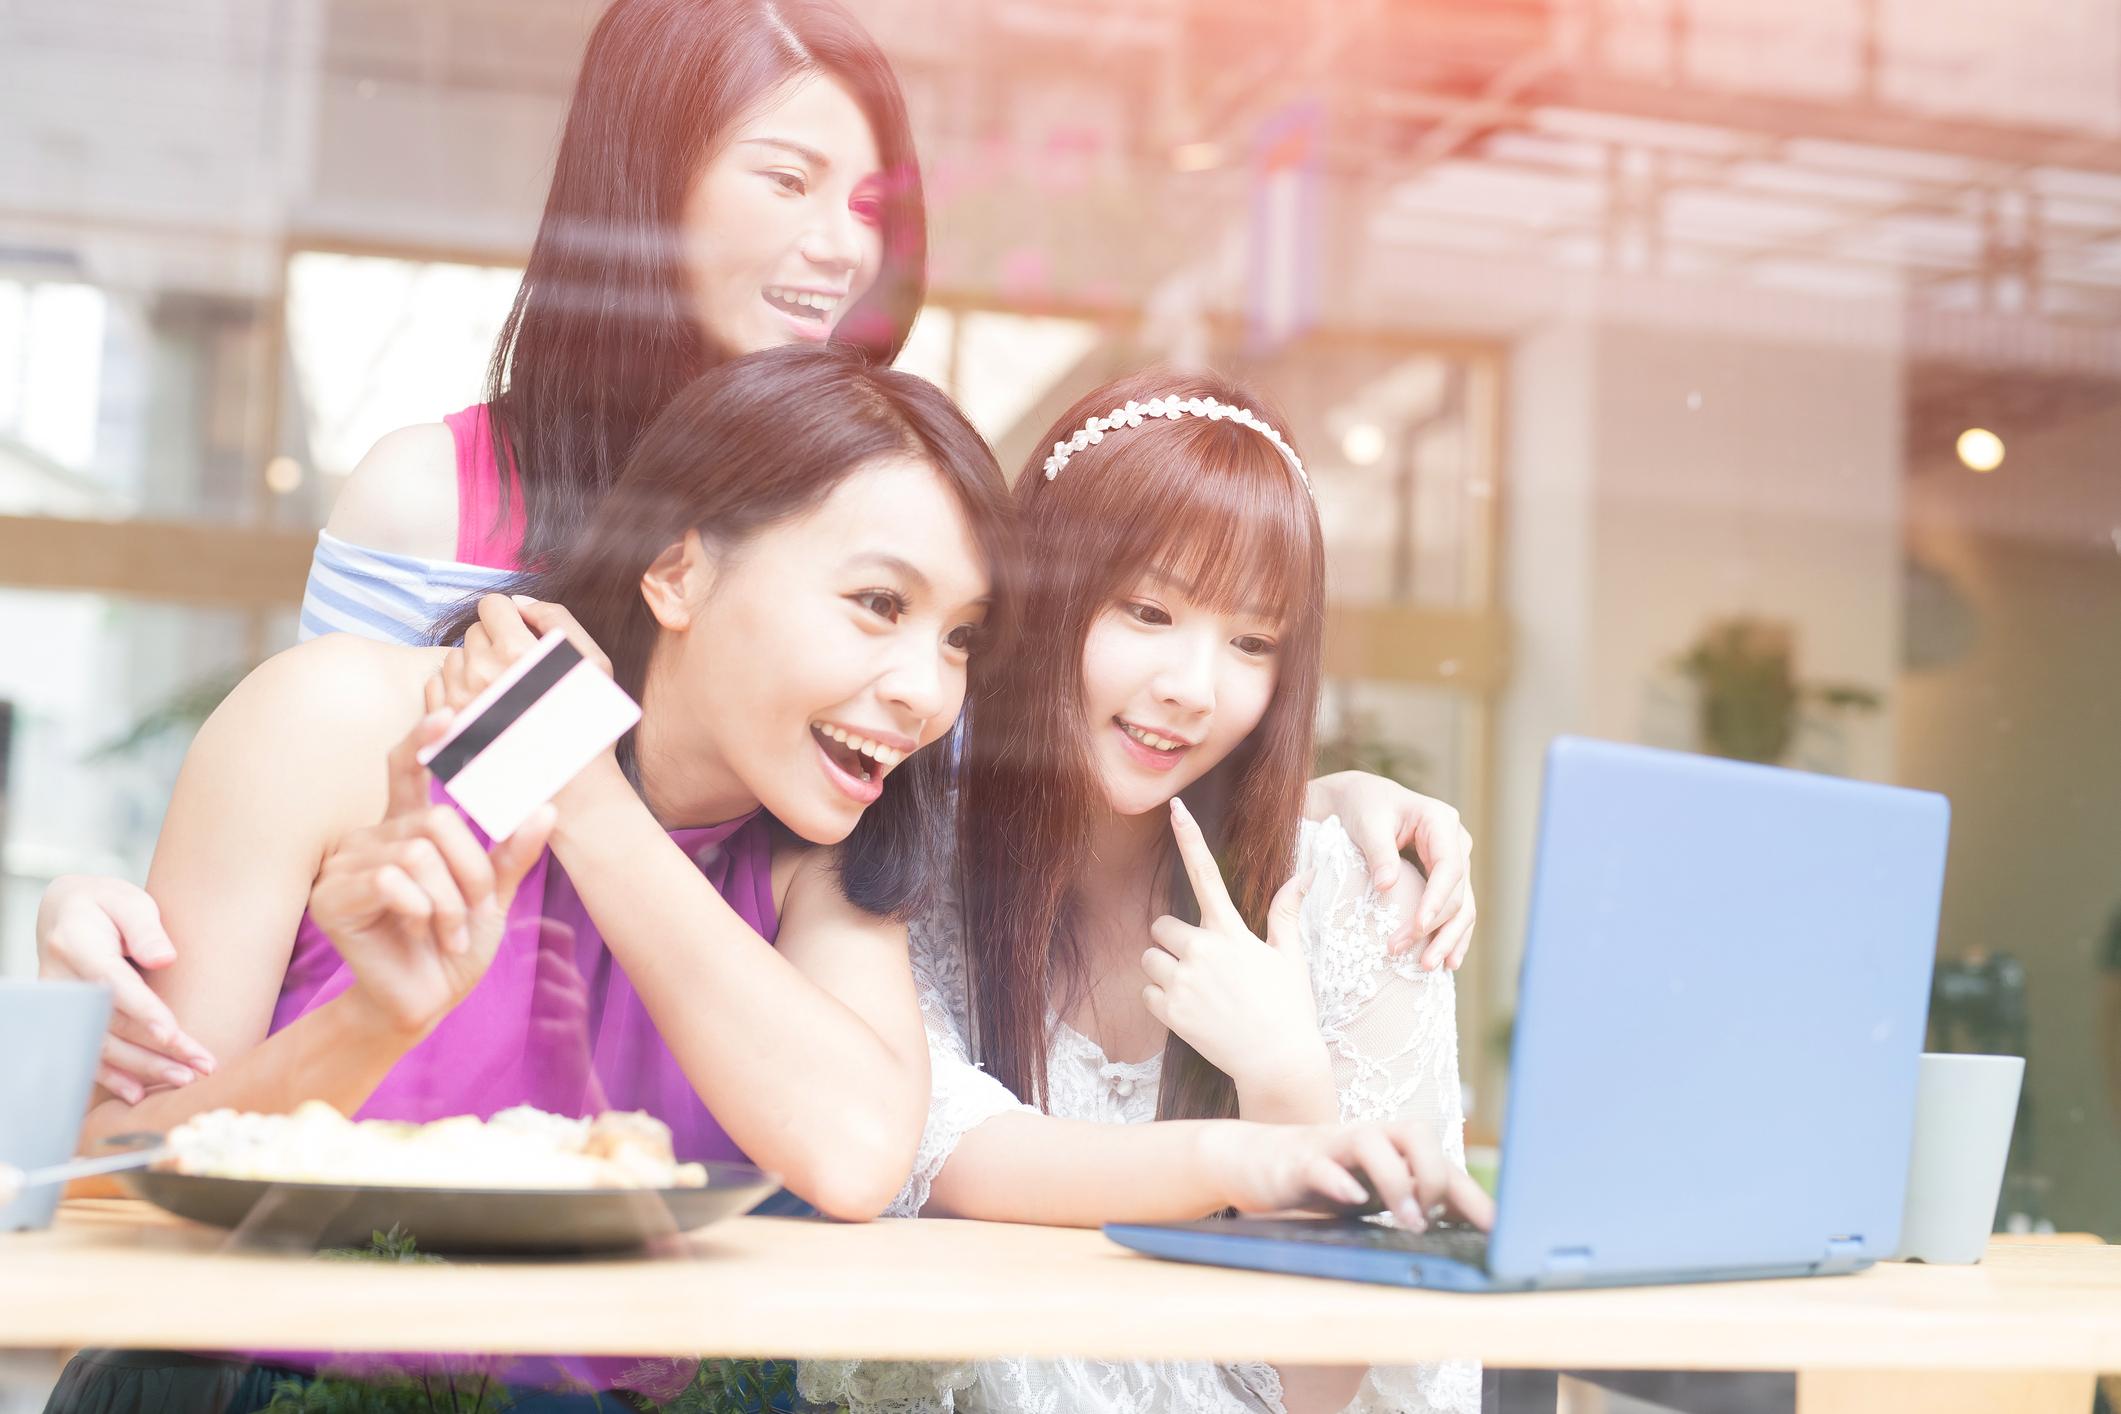 Three women shop online.